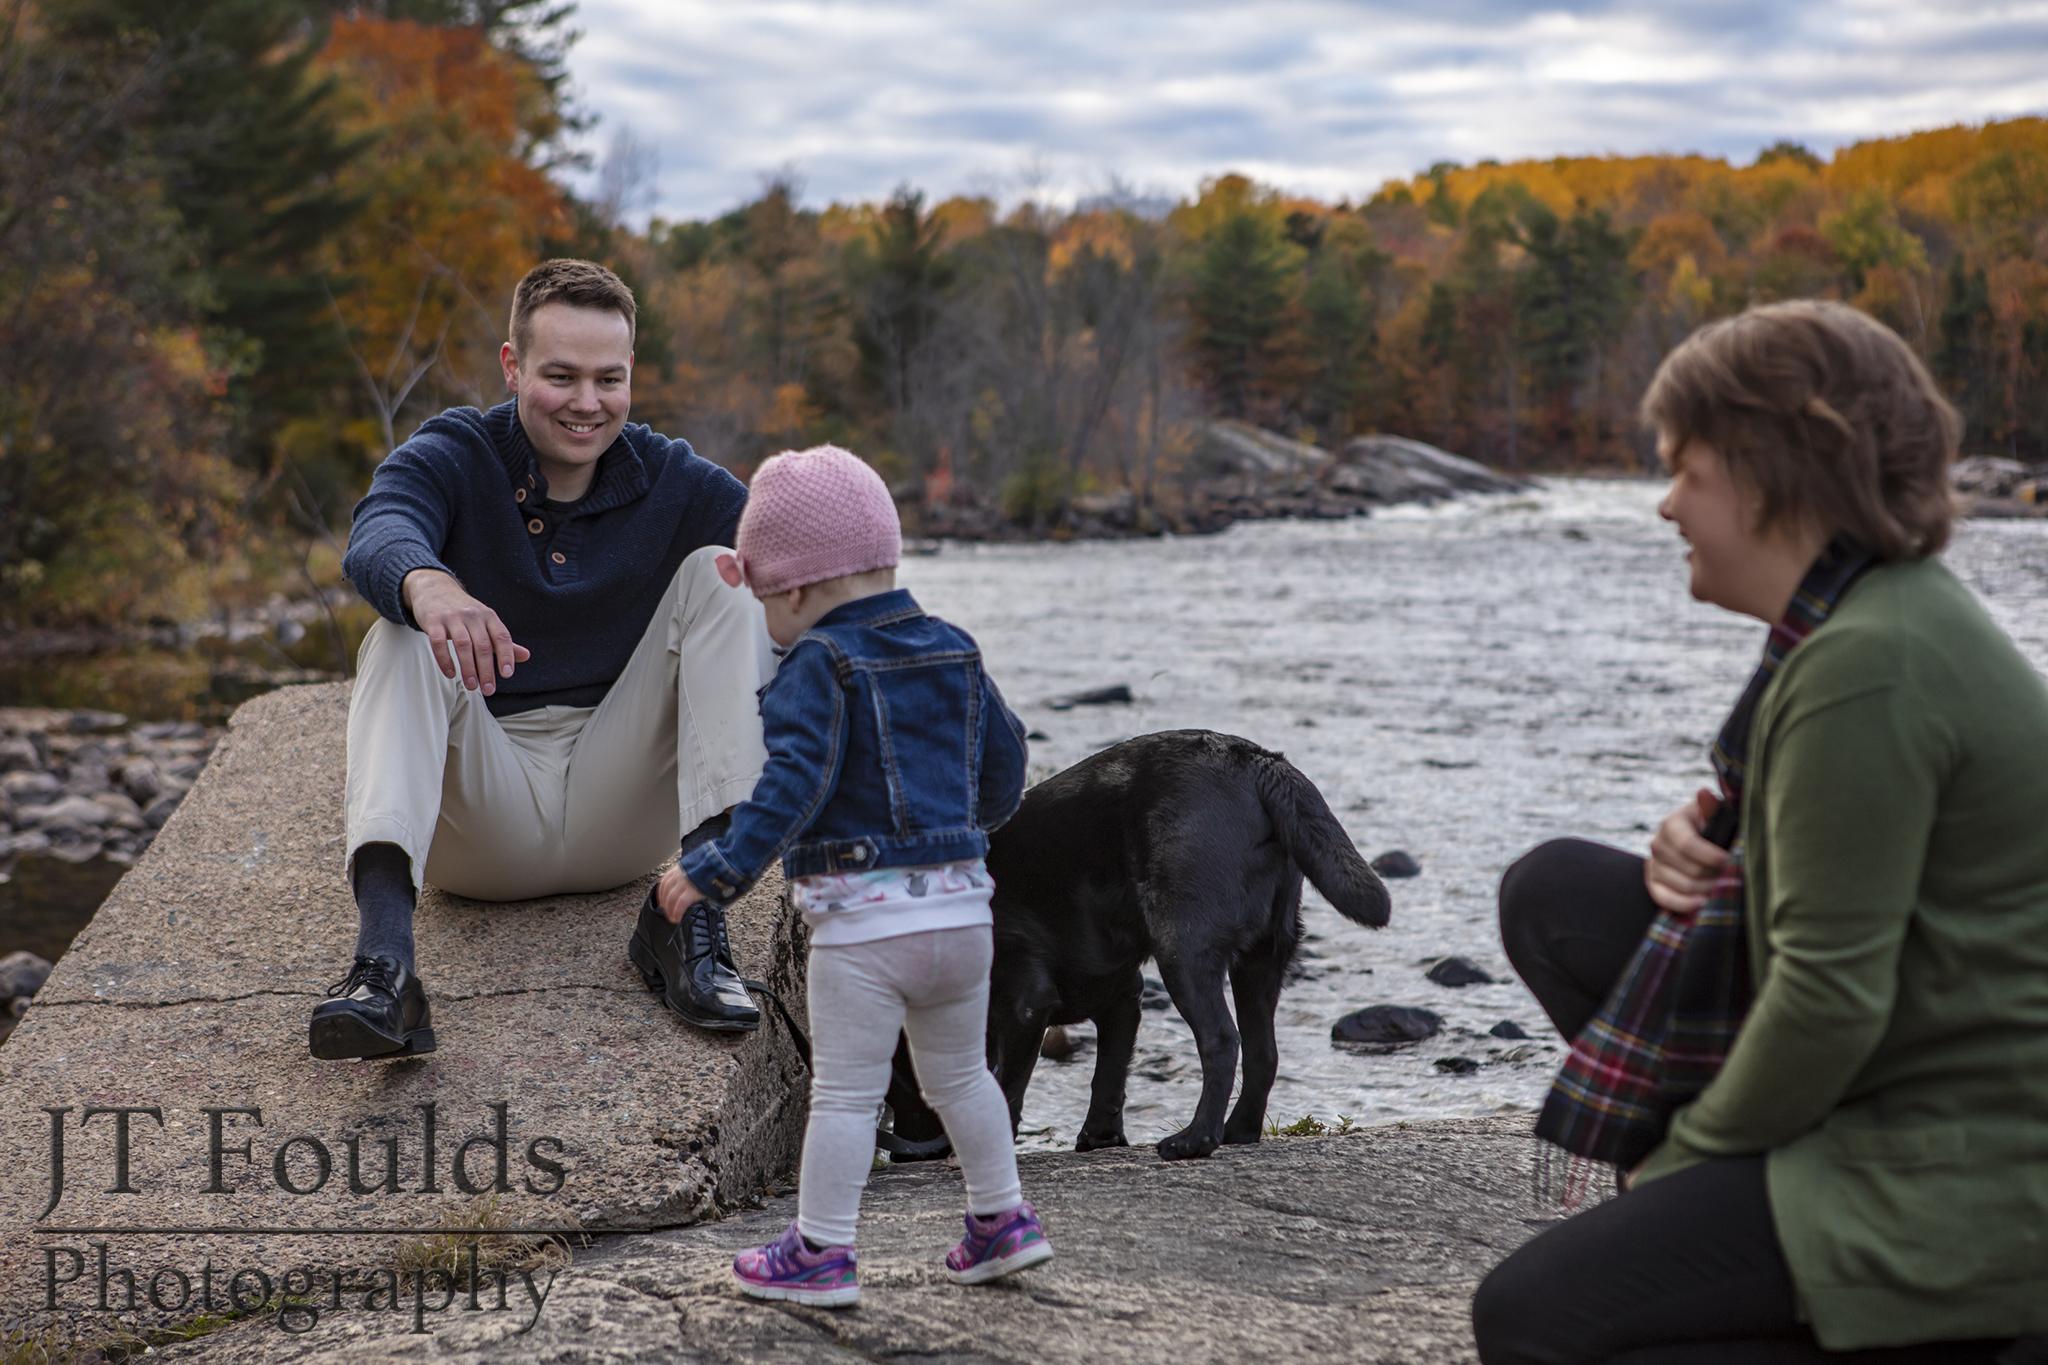 Adach Fall Family Shoot - Centenial Park - 13 OCT '18 - 086.jpg